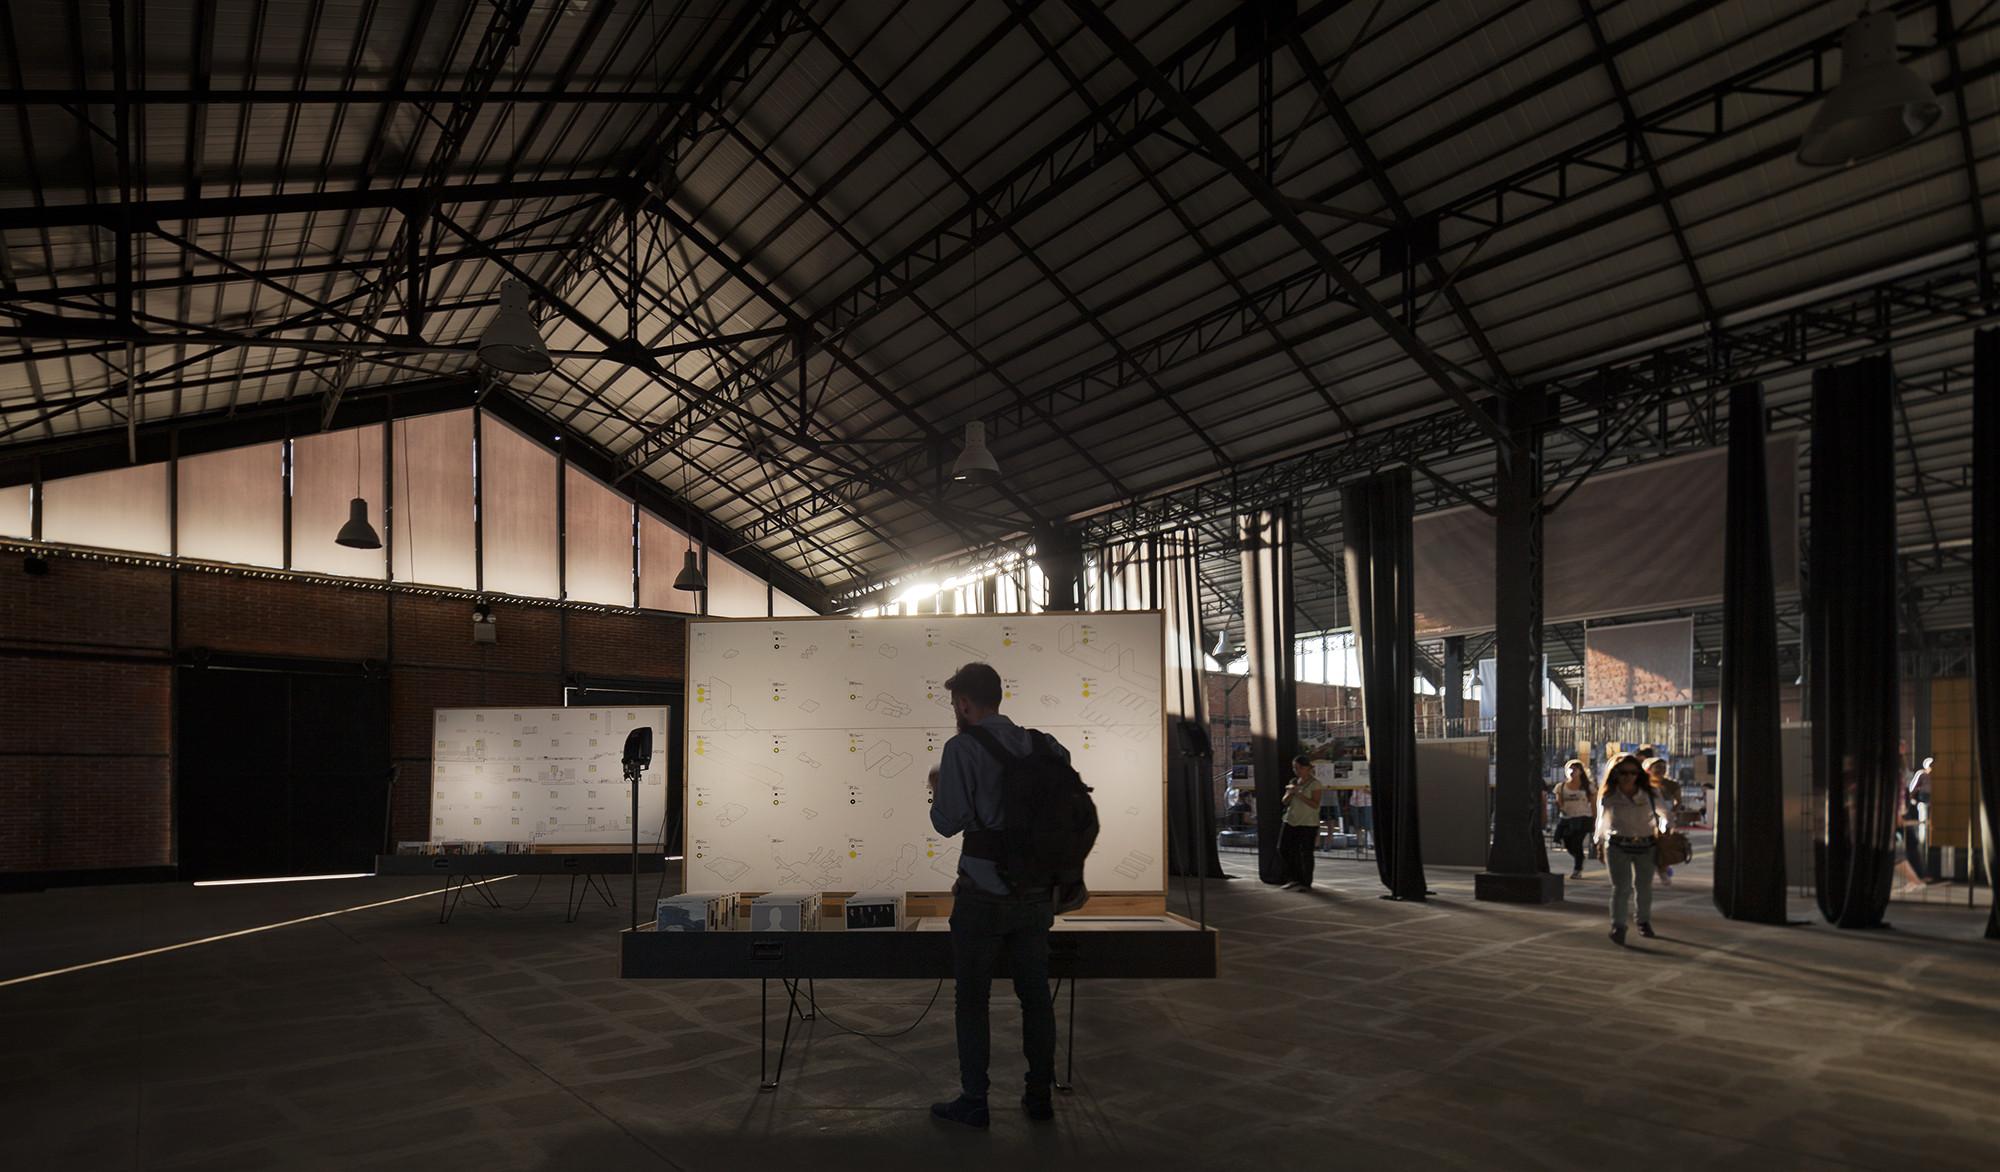 Pabellones de IX BIAU. Image © Federico Cairoli